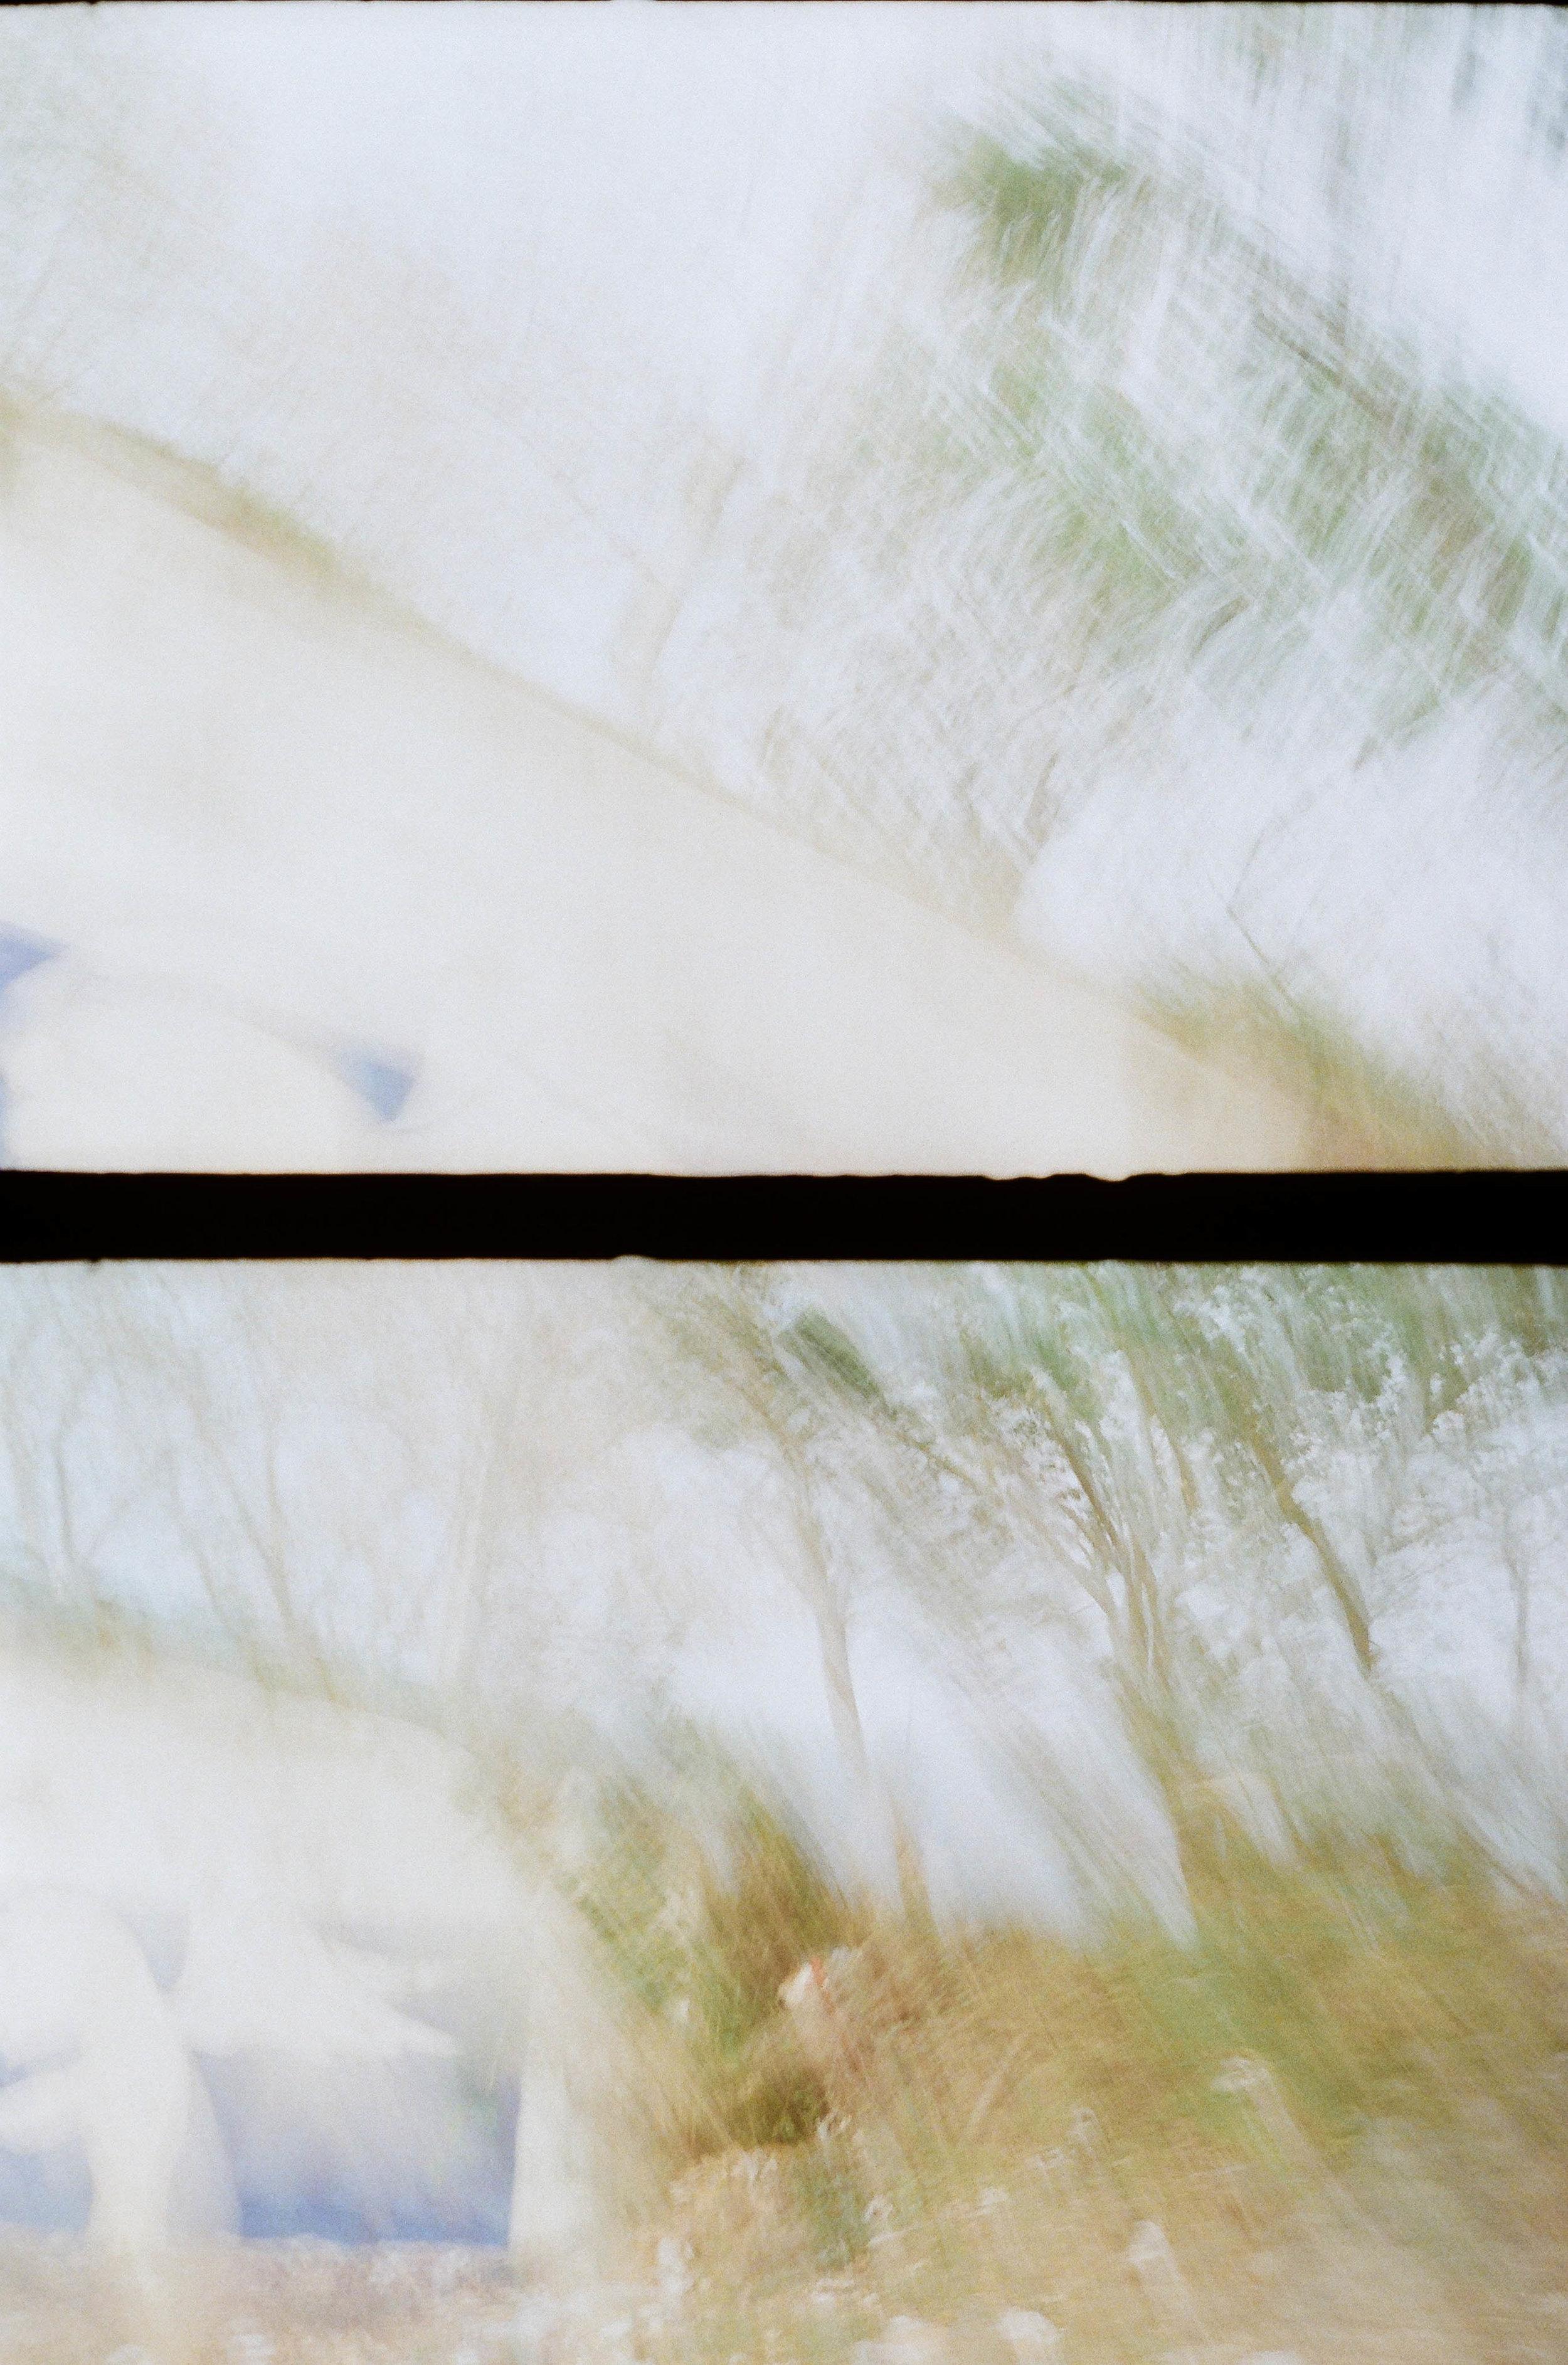 31820012.jpg